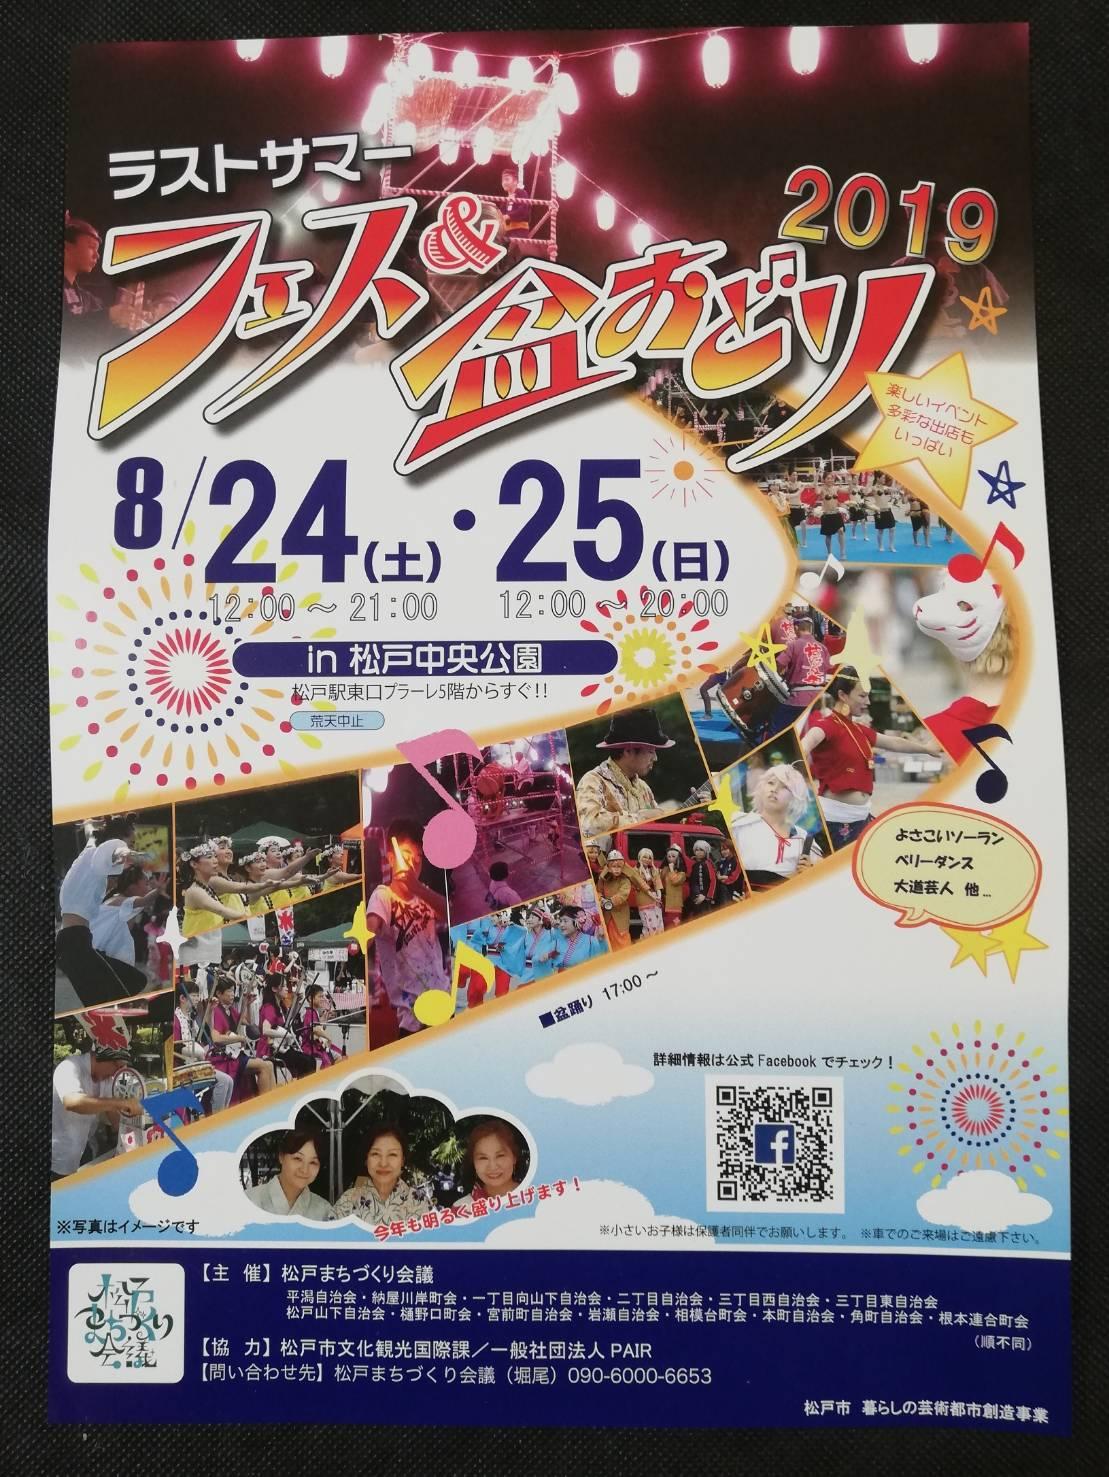 ラストサマーフェス&盆踊り松戸中央公園